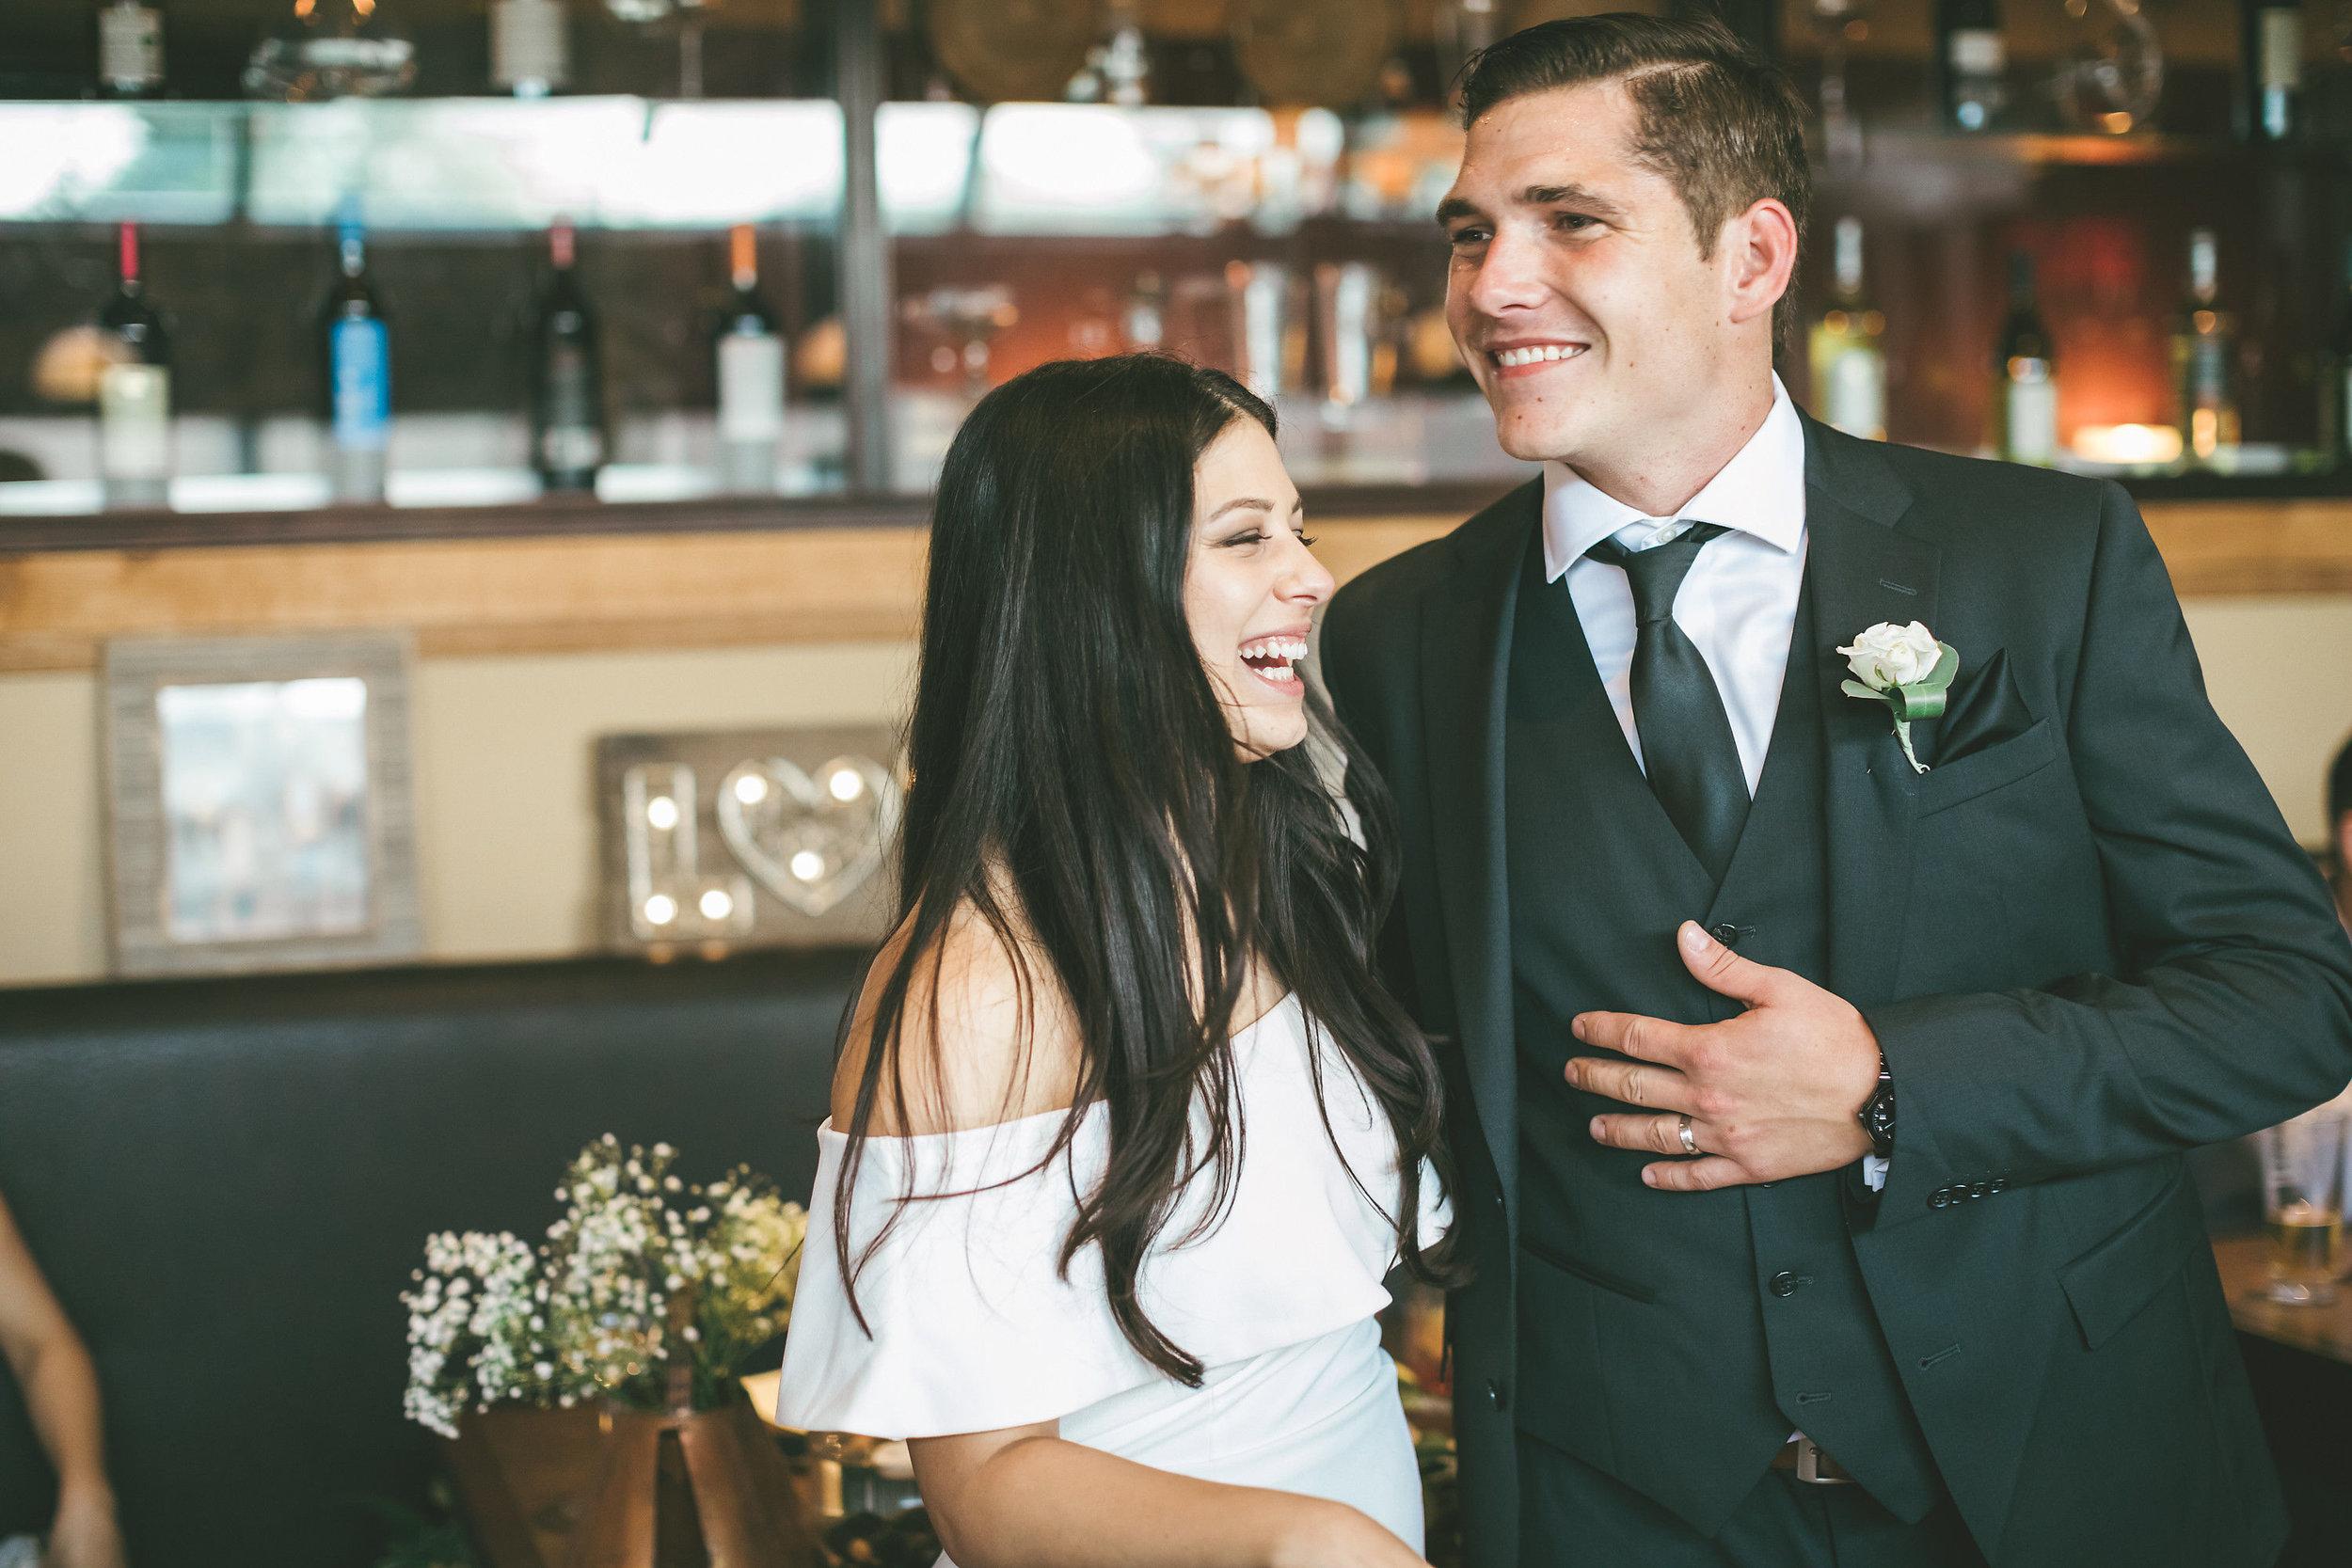 julie___kyle_wedding___lifesreel_danielcaruso___0590.jpg